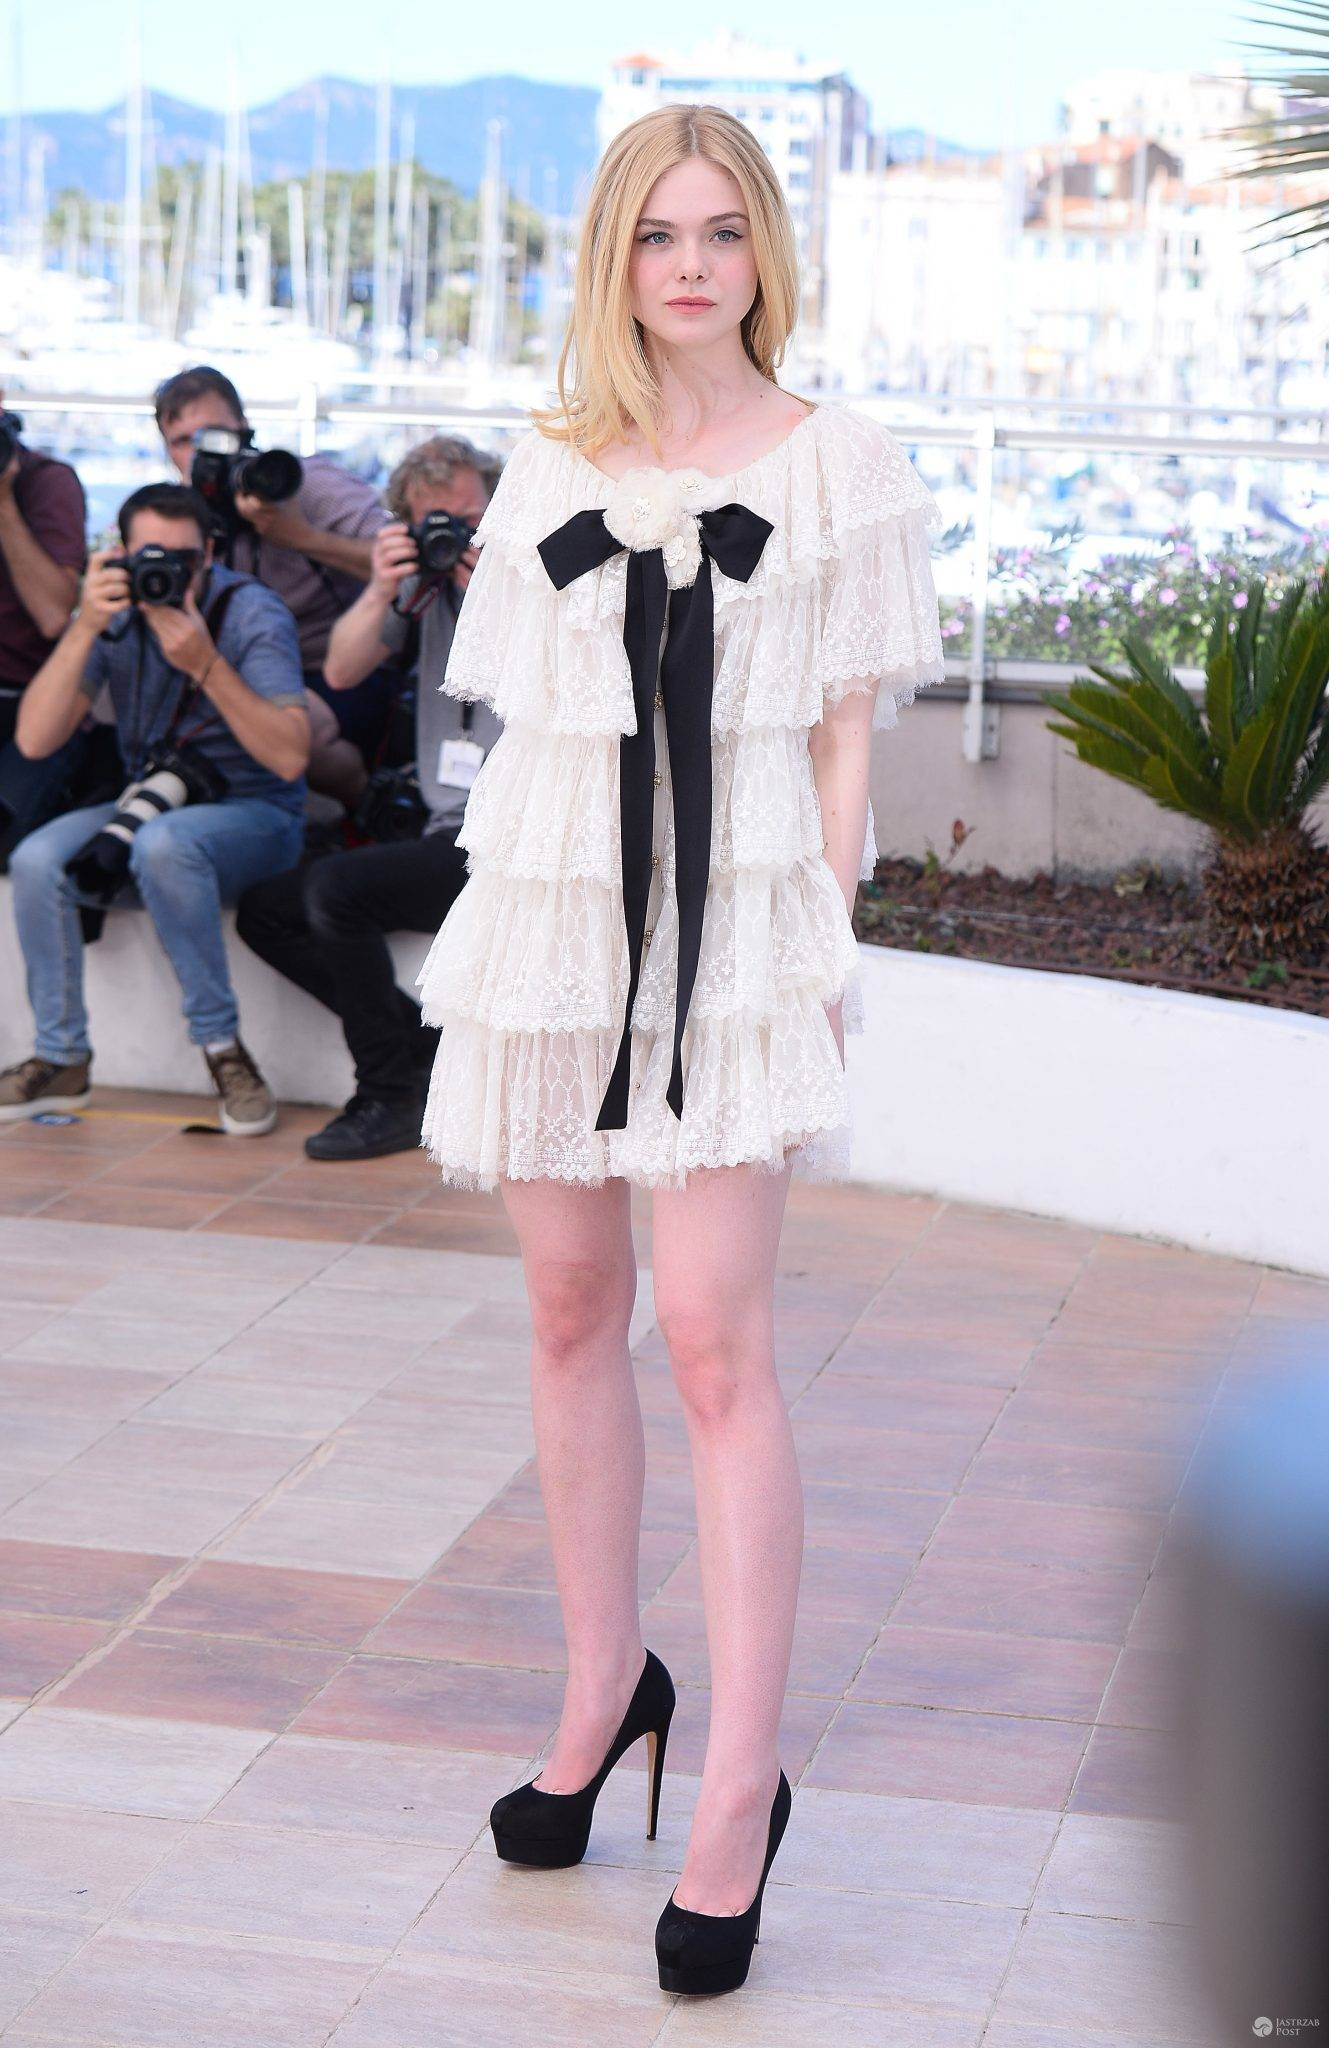 """Kreacja: Chanel. Elle Fanning, sesja zdjęciowa twórców """"The Neon Demon"""" na festiwalu w Cannes 2016 (fot. ONS)"""